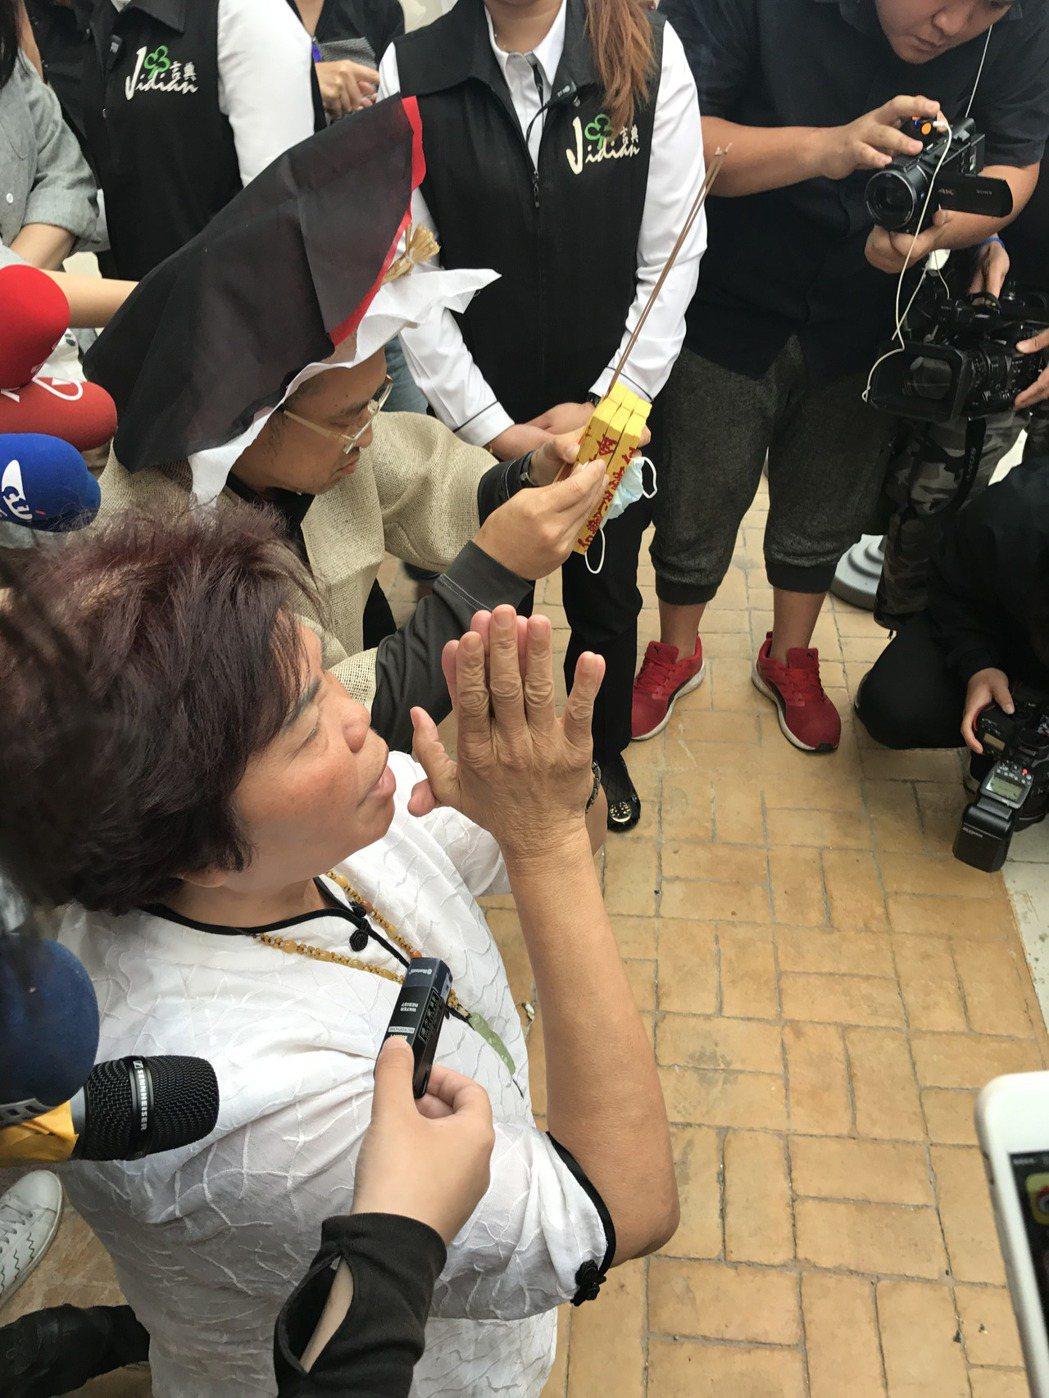 謝順福在5:30突然走到馬路邊穿上孝服跪地膜拜,引起媒體騷動。記者葉君遠攝影